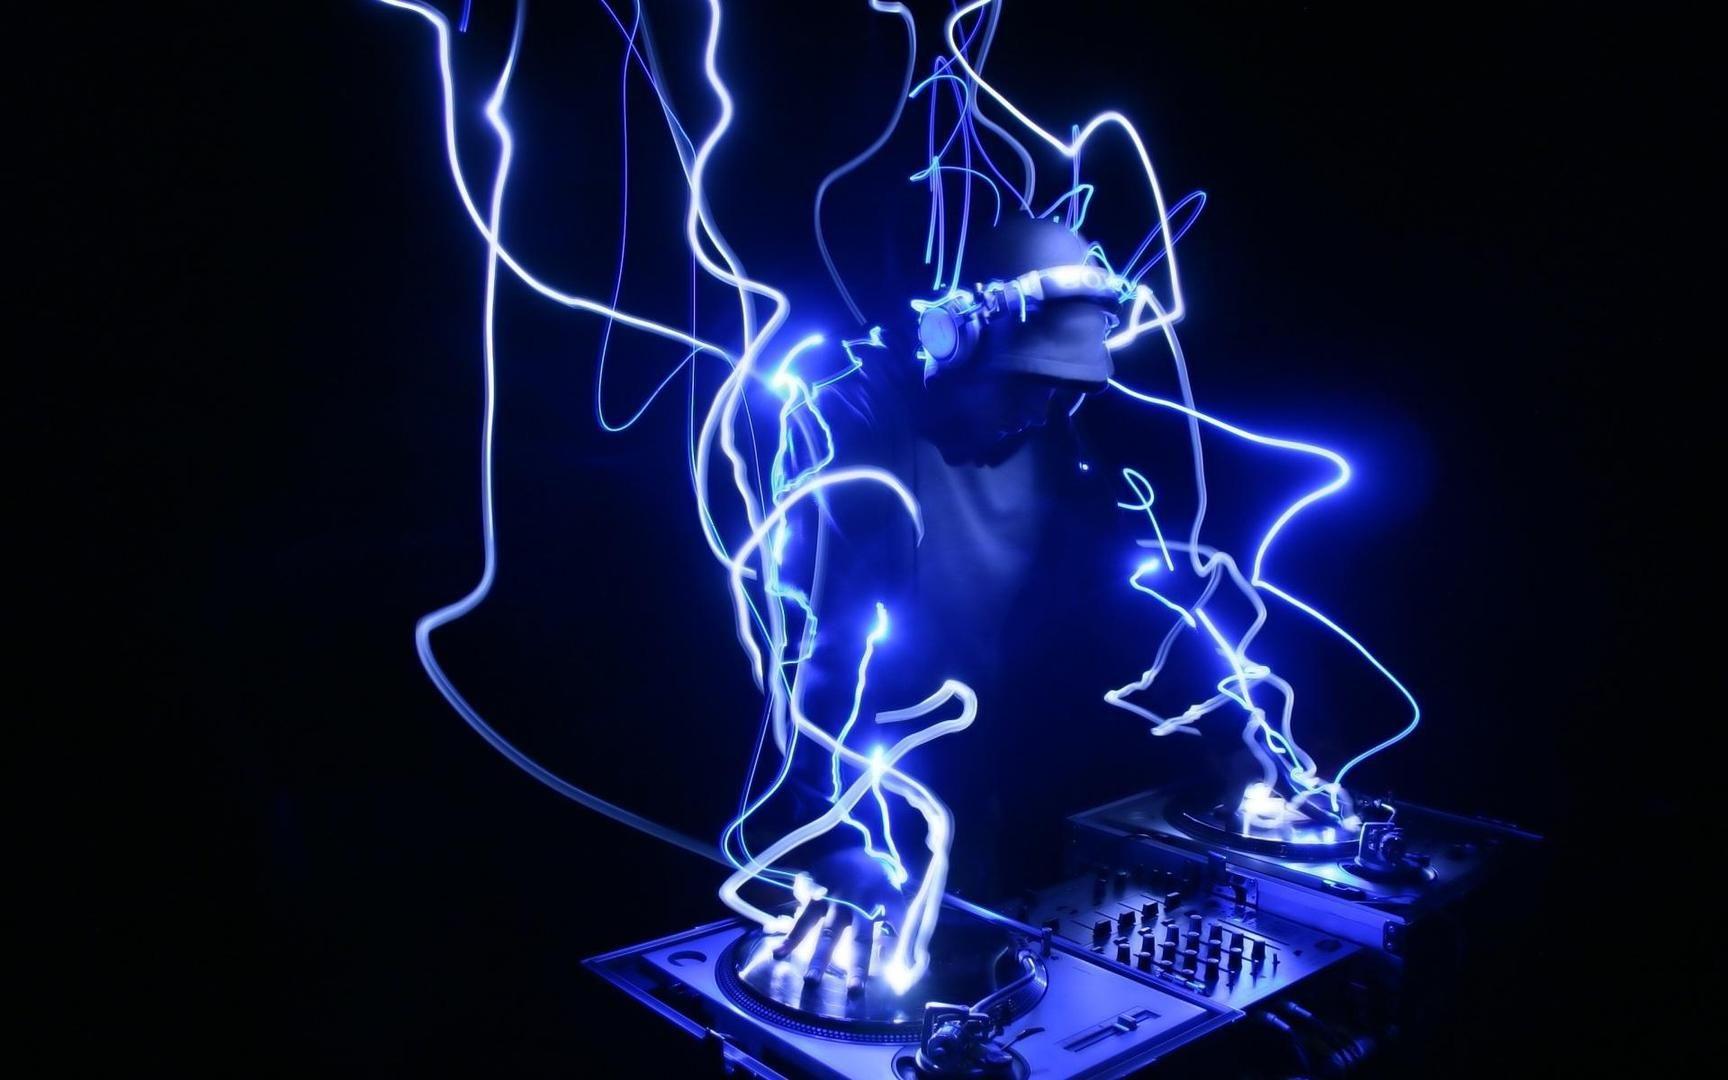 Dj Music Backgrounds Dj 1080p Hd Wallpaper Music Hd Wallpapers Source Neon Wallpaper Music Wallpaper Neon Light Wallpaper